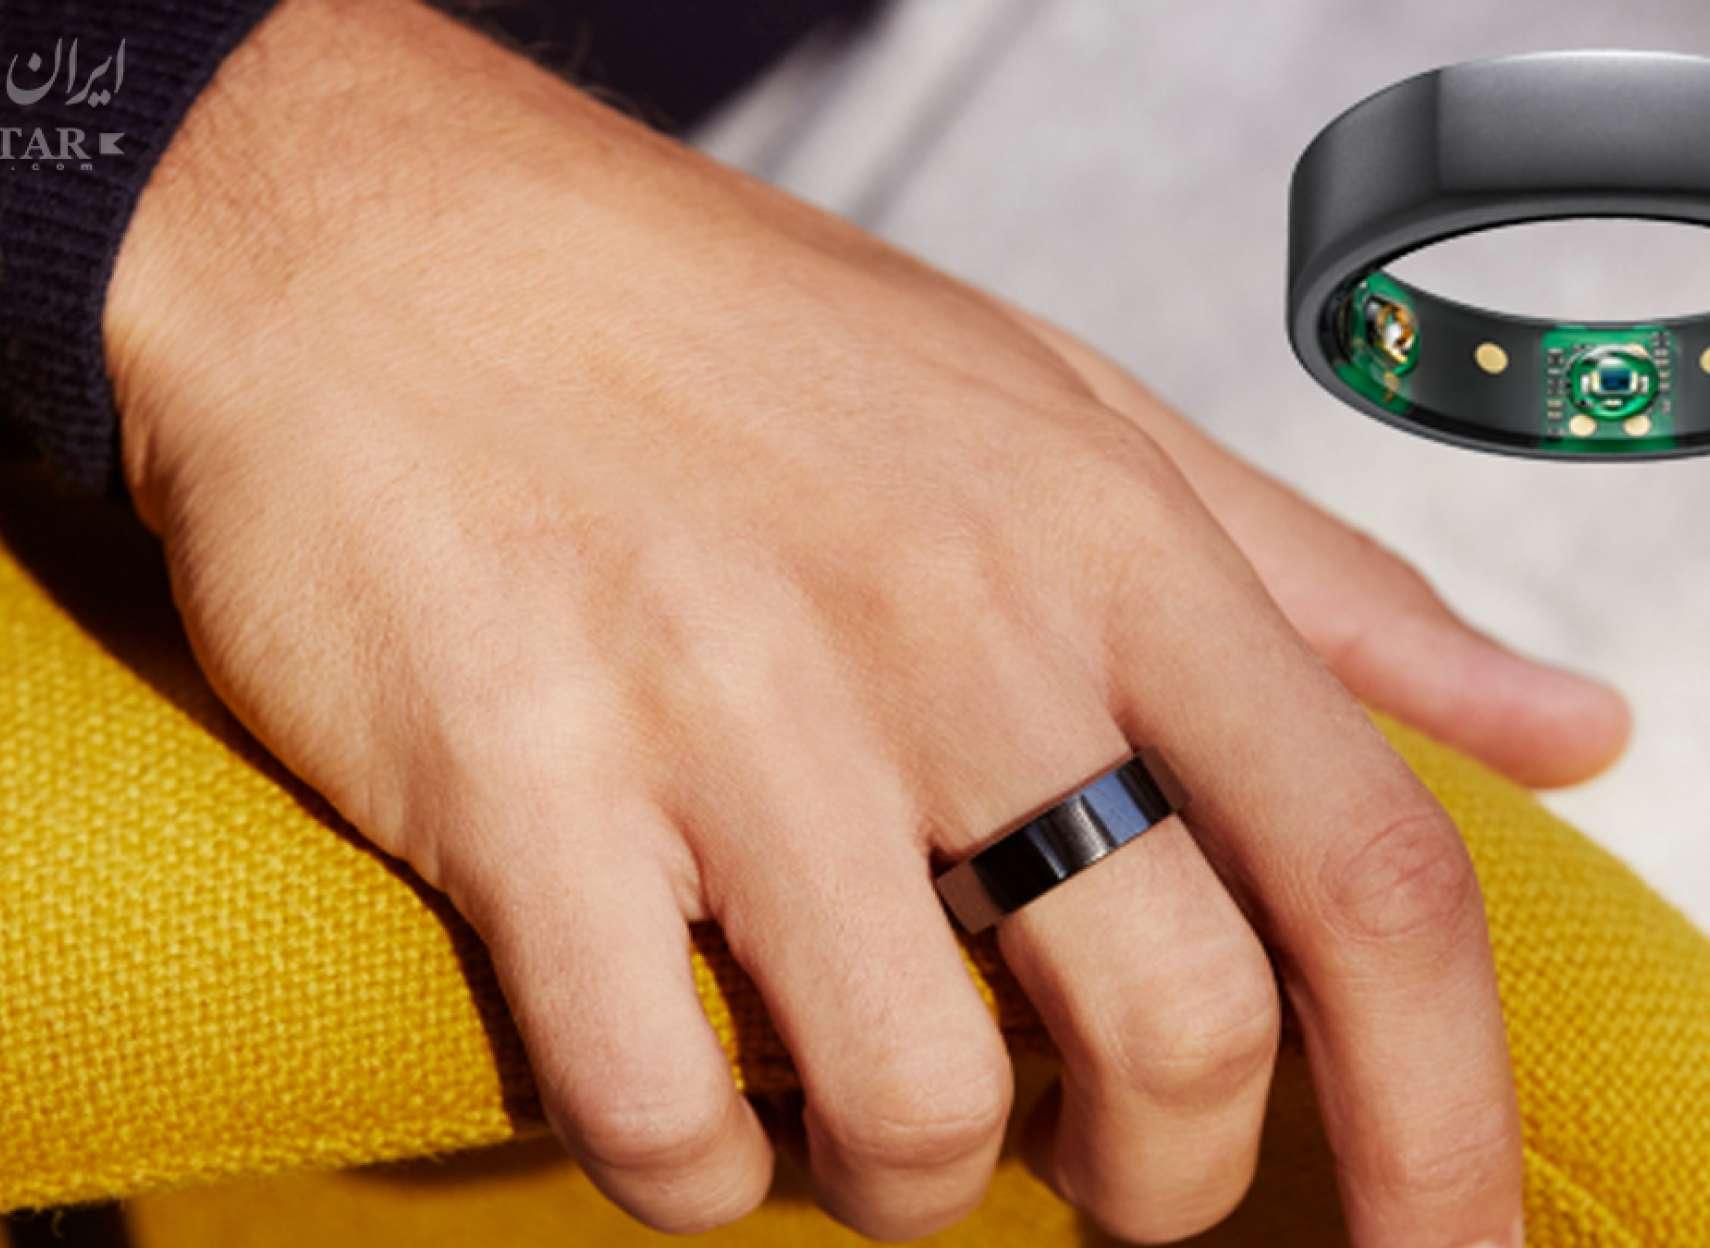 پیش-بینی-کرونا-سه-روز-زودتر-با-یک-انگشتر-هوشمند